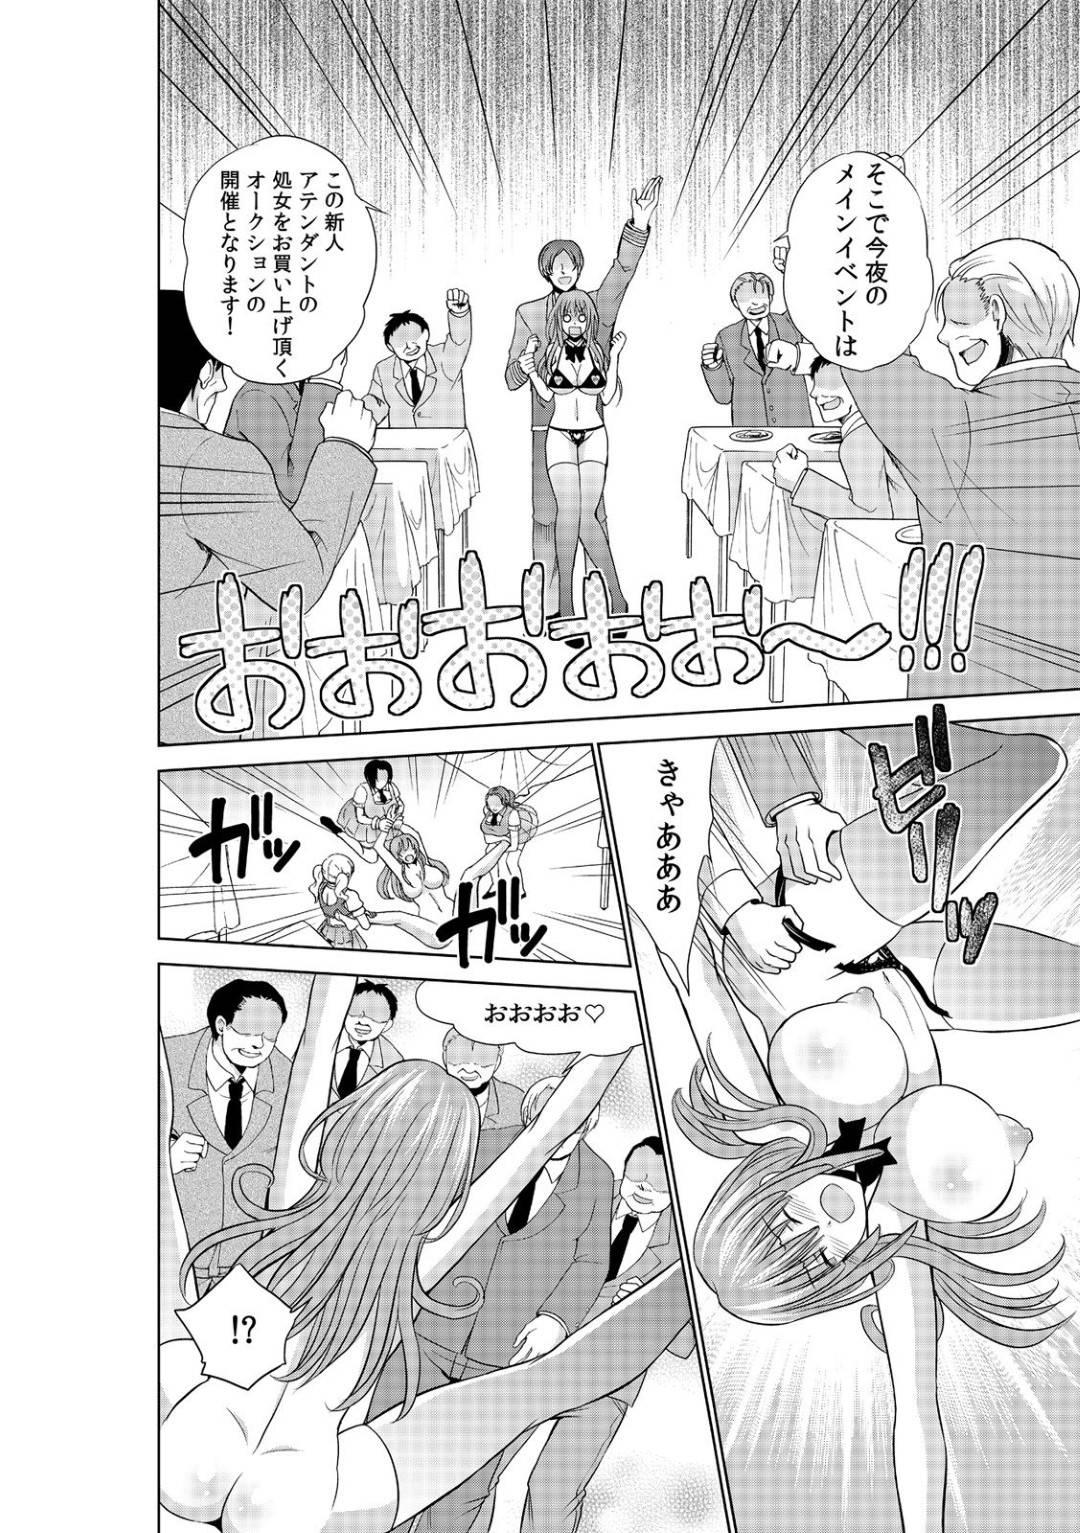 【エロ漫画】電車を乗り間違えてしまい、高級寝台列車に乗車してしまった巨乳JD…乗車料金を体で支払う事になり、金持ちの男たちに乳首を舐められたり、クンニされたりと好き放題された後、正常位やバックなどの体位で犯されてしまう。【木の子ゆん:セクハラ特急、天国イキ~性春18禁きっぷの旅~2】